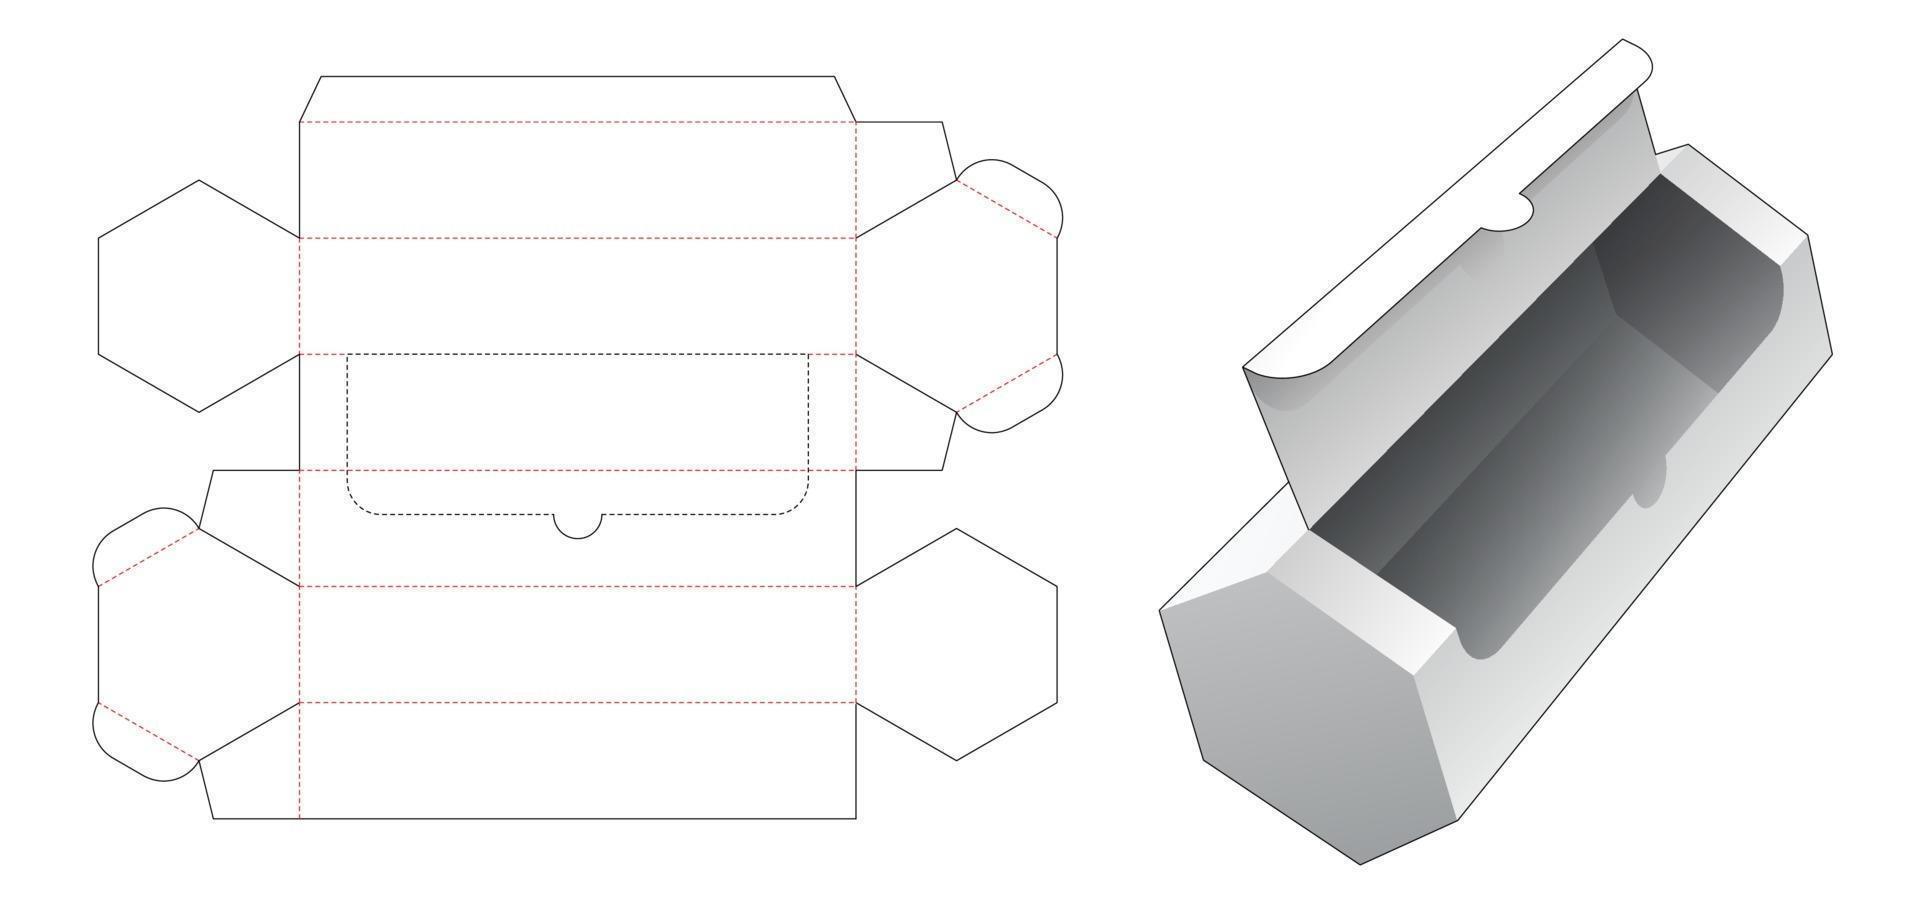 fermeture éclair longue boîte d'emballage hexagonale gabarit découpé vecteur